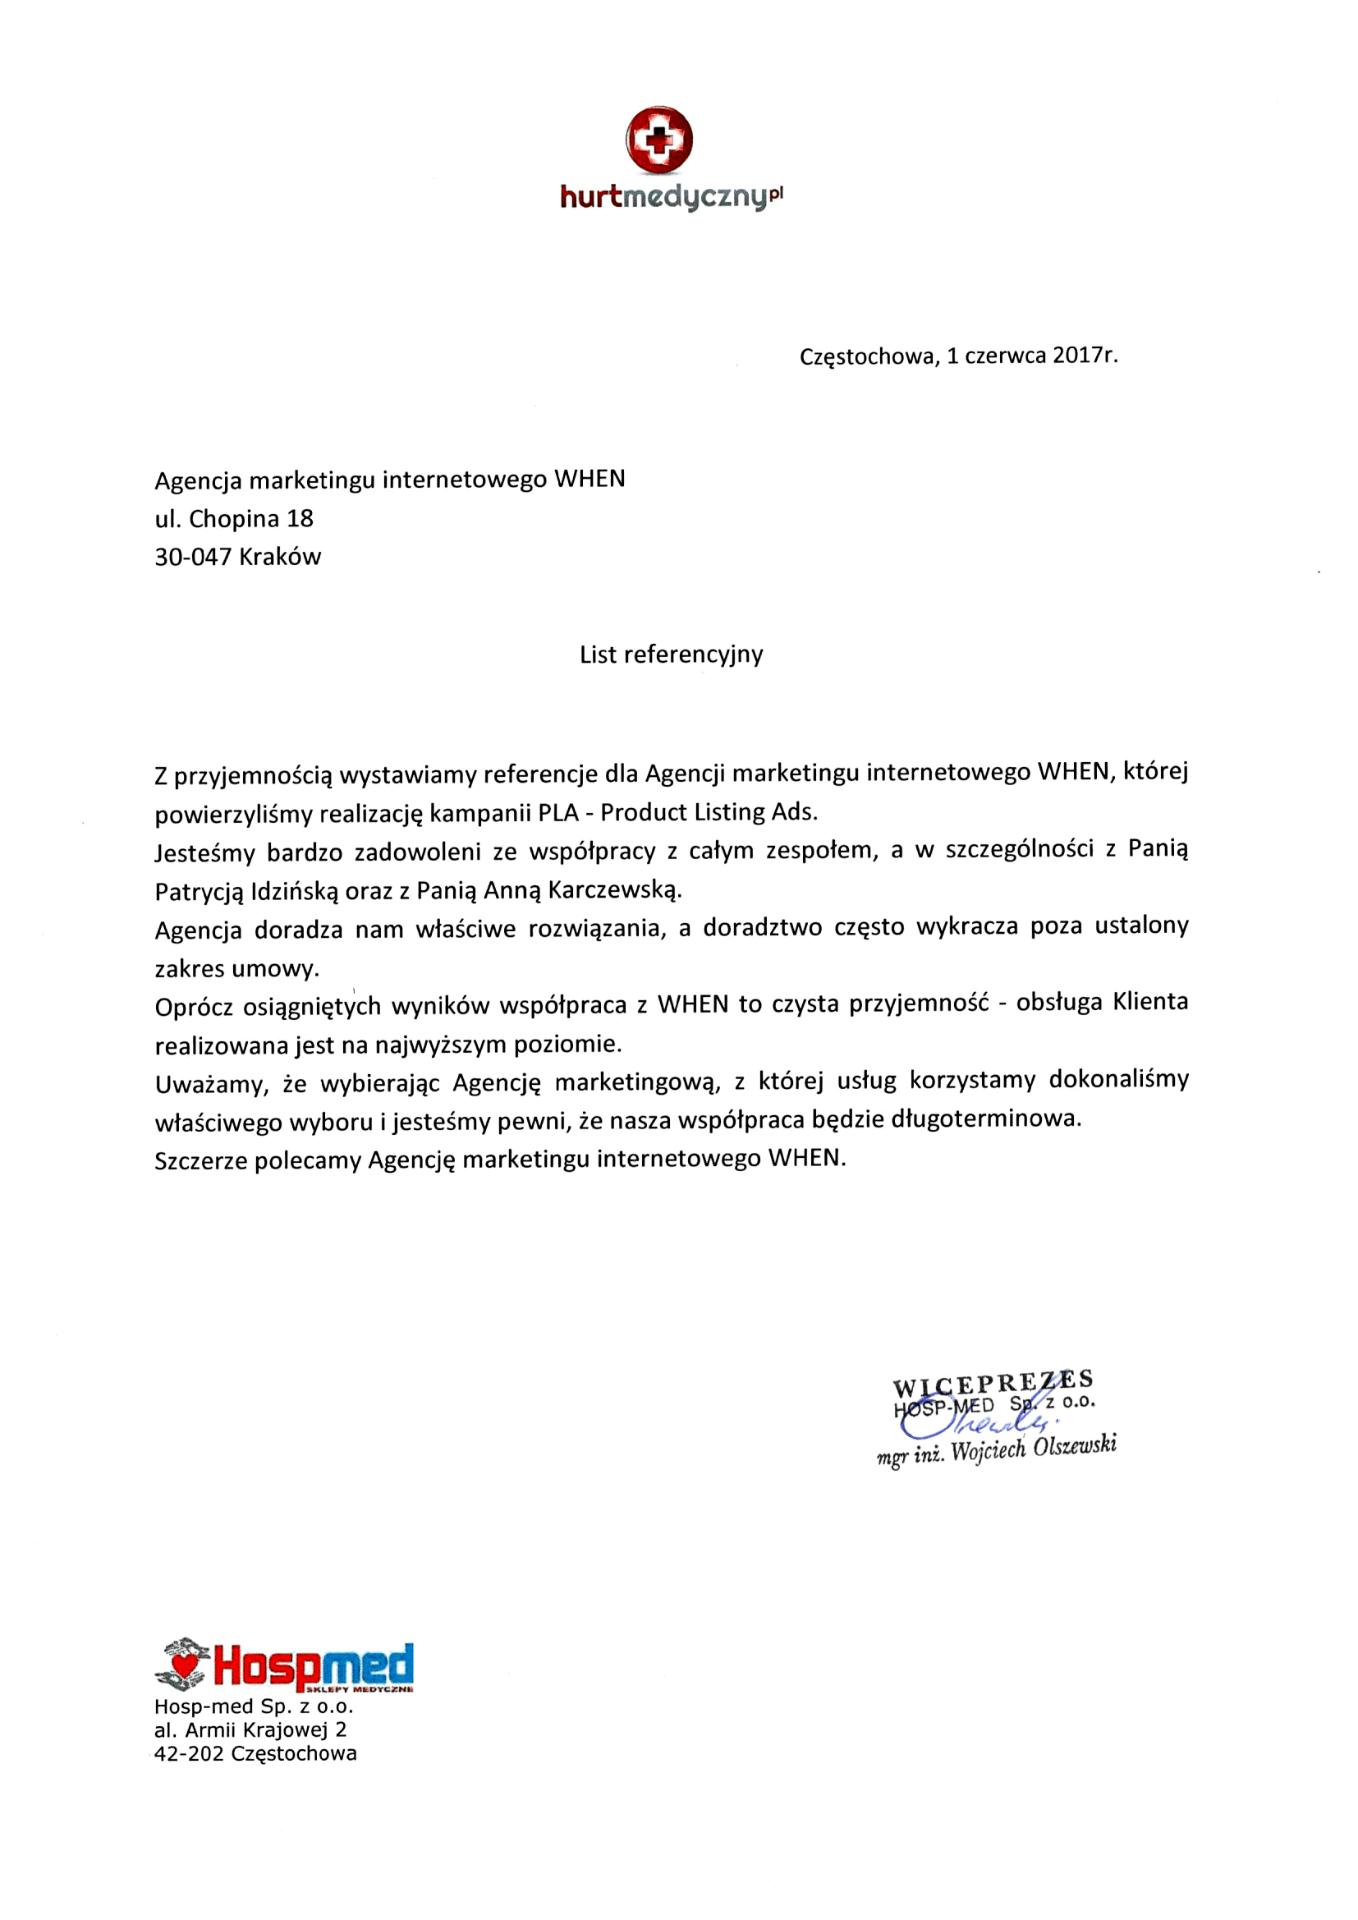 Hosp-med Sp. z o.o. (hurtmedyczny.pl)